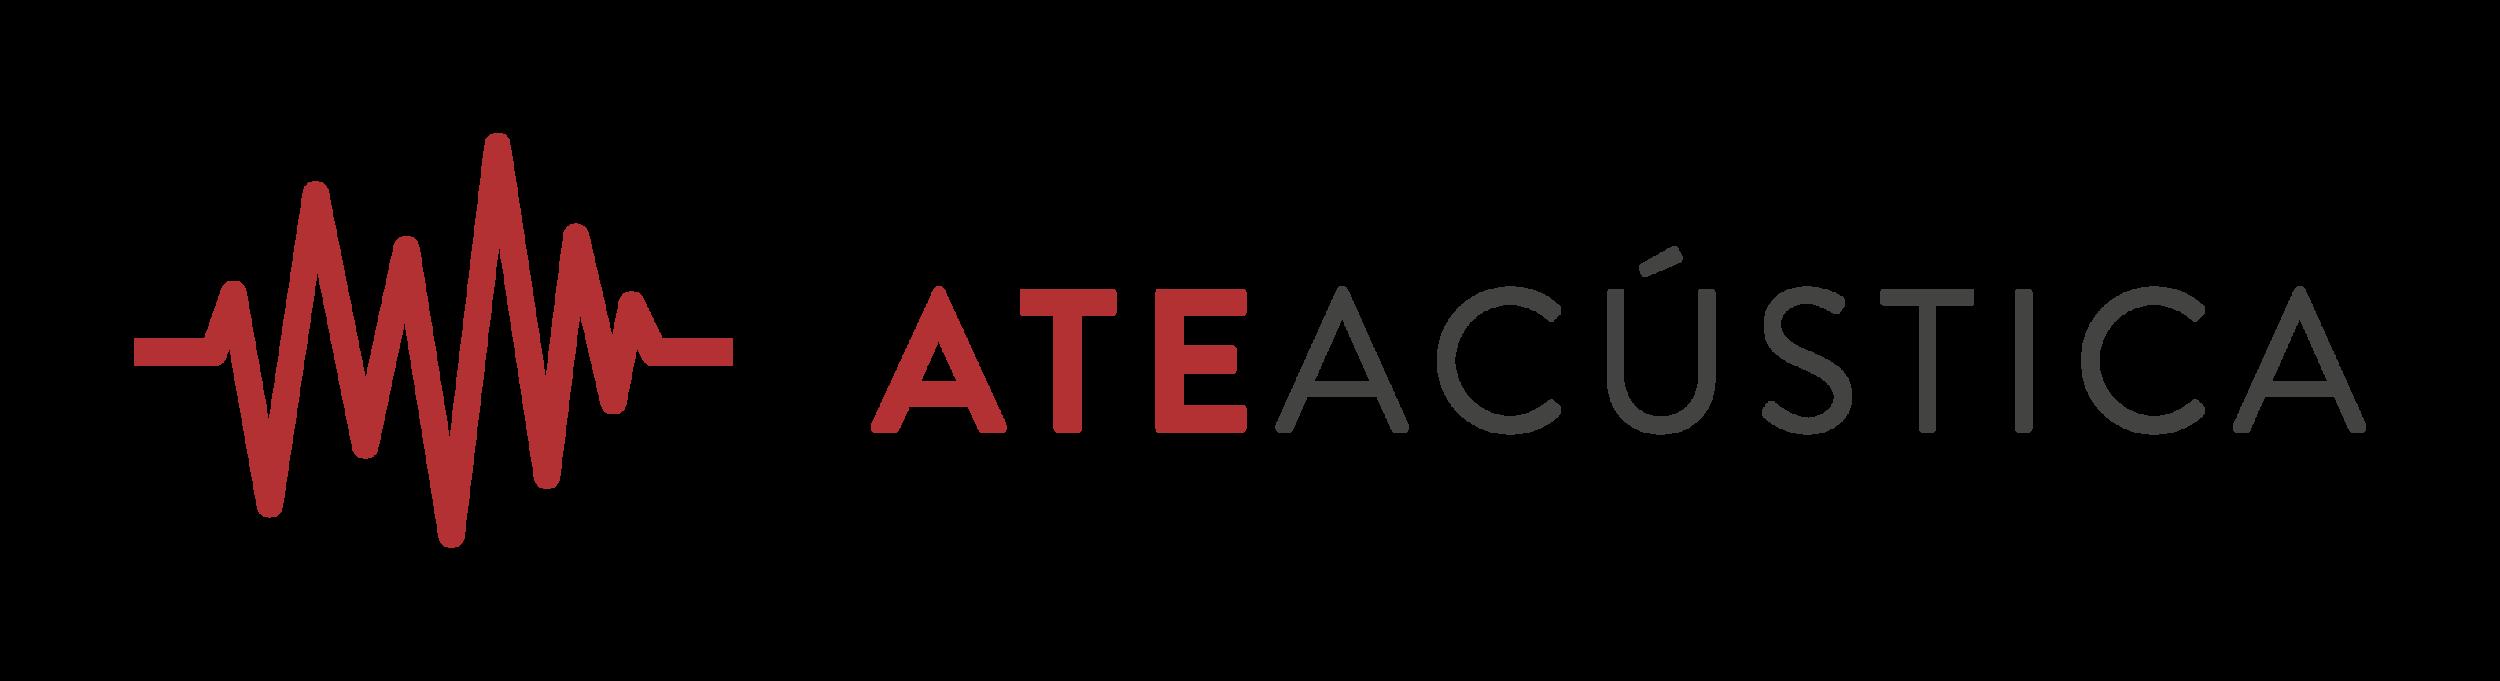 ATEACÚSTICA - Logo solo horizontal-vertical-02.png